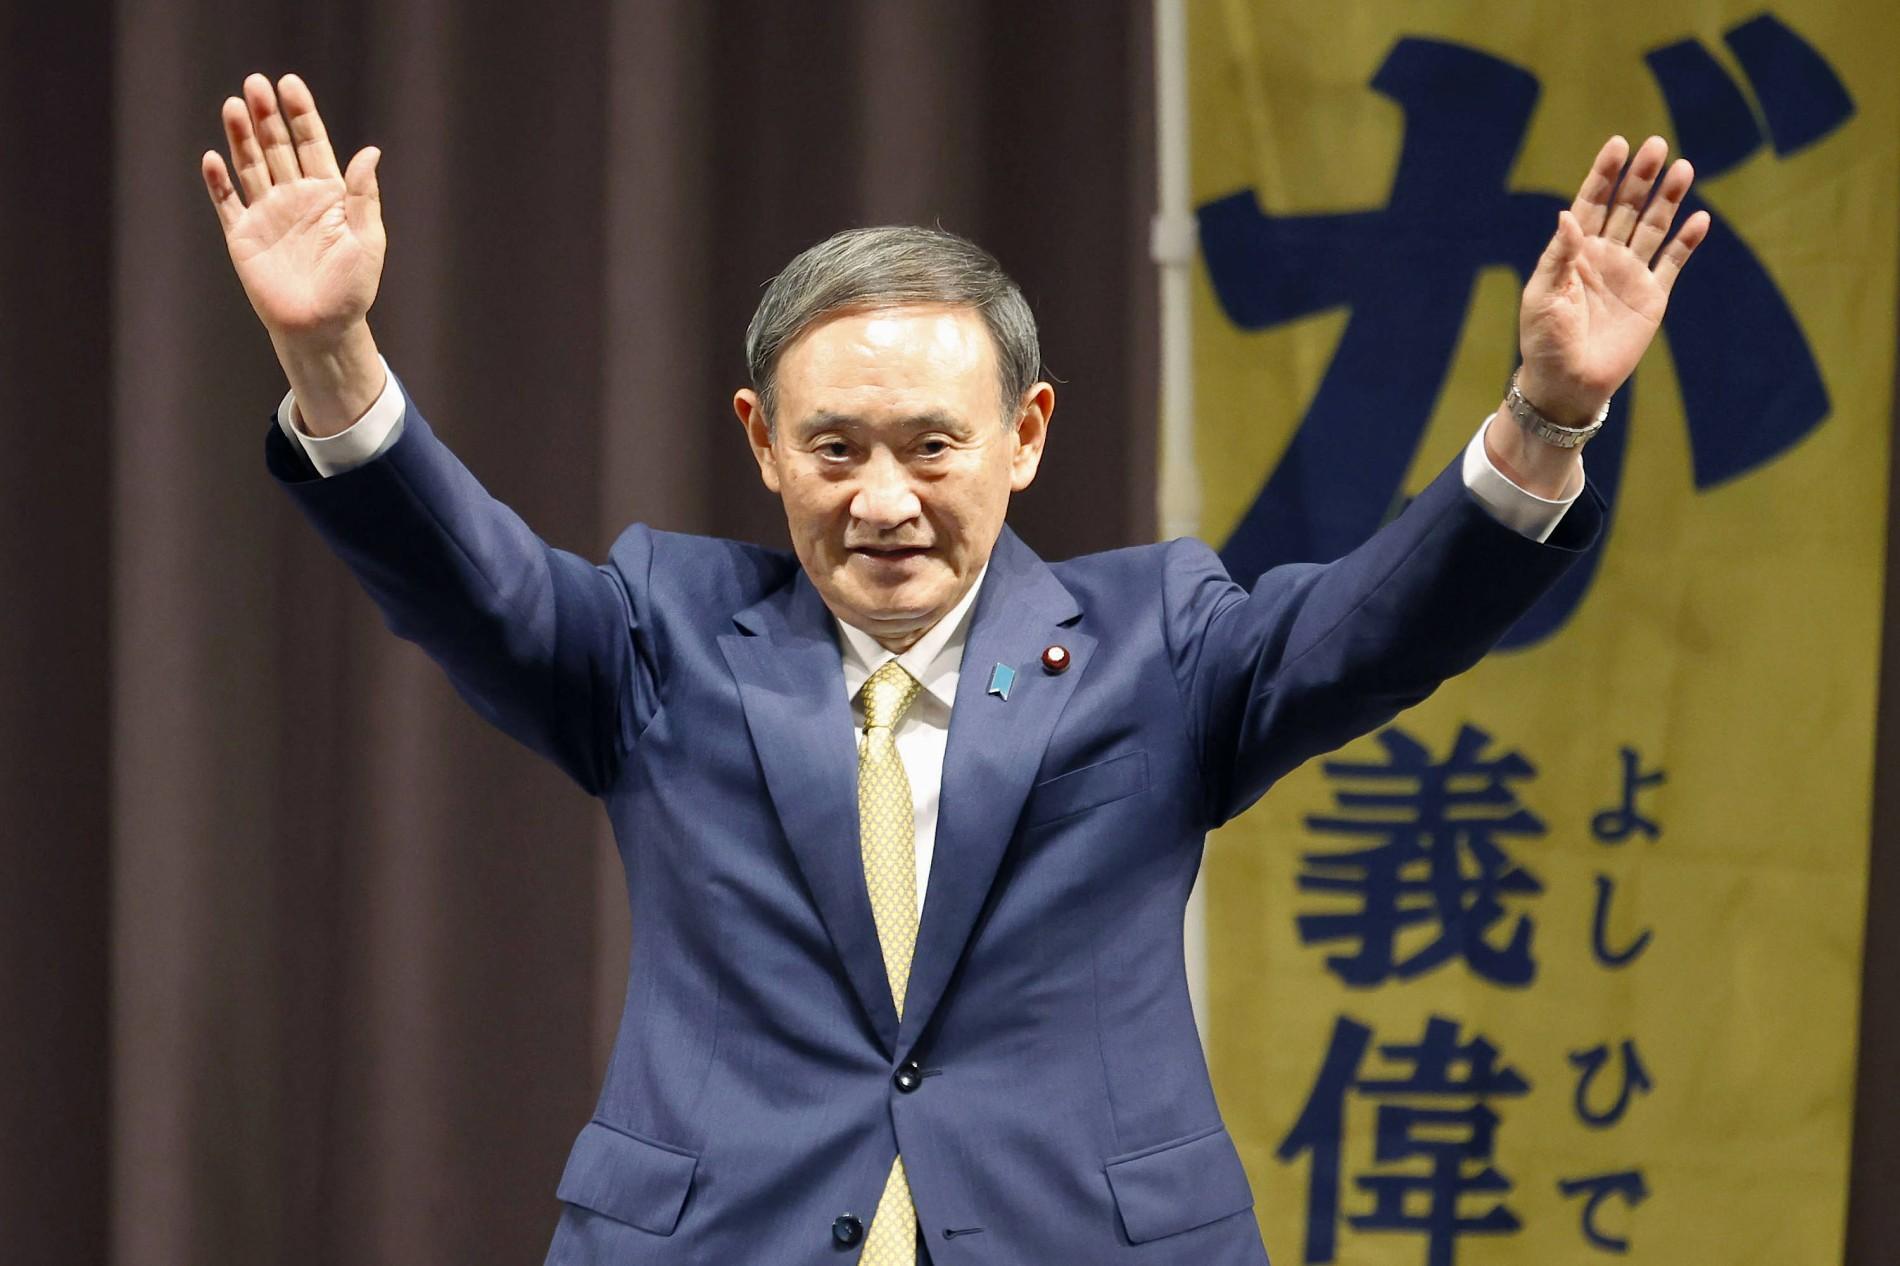 Chân dung người sẽ trở thành tân Thủ tướng Nhật Bản